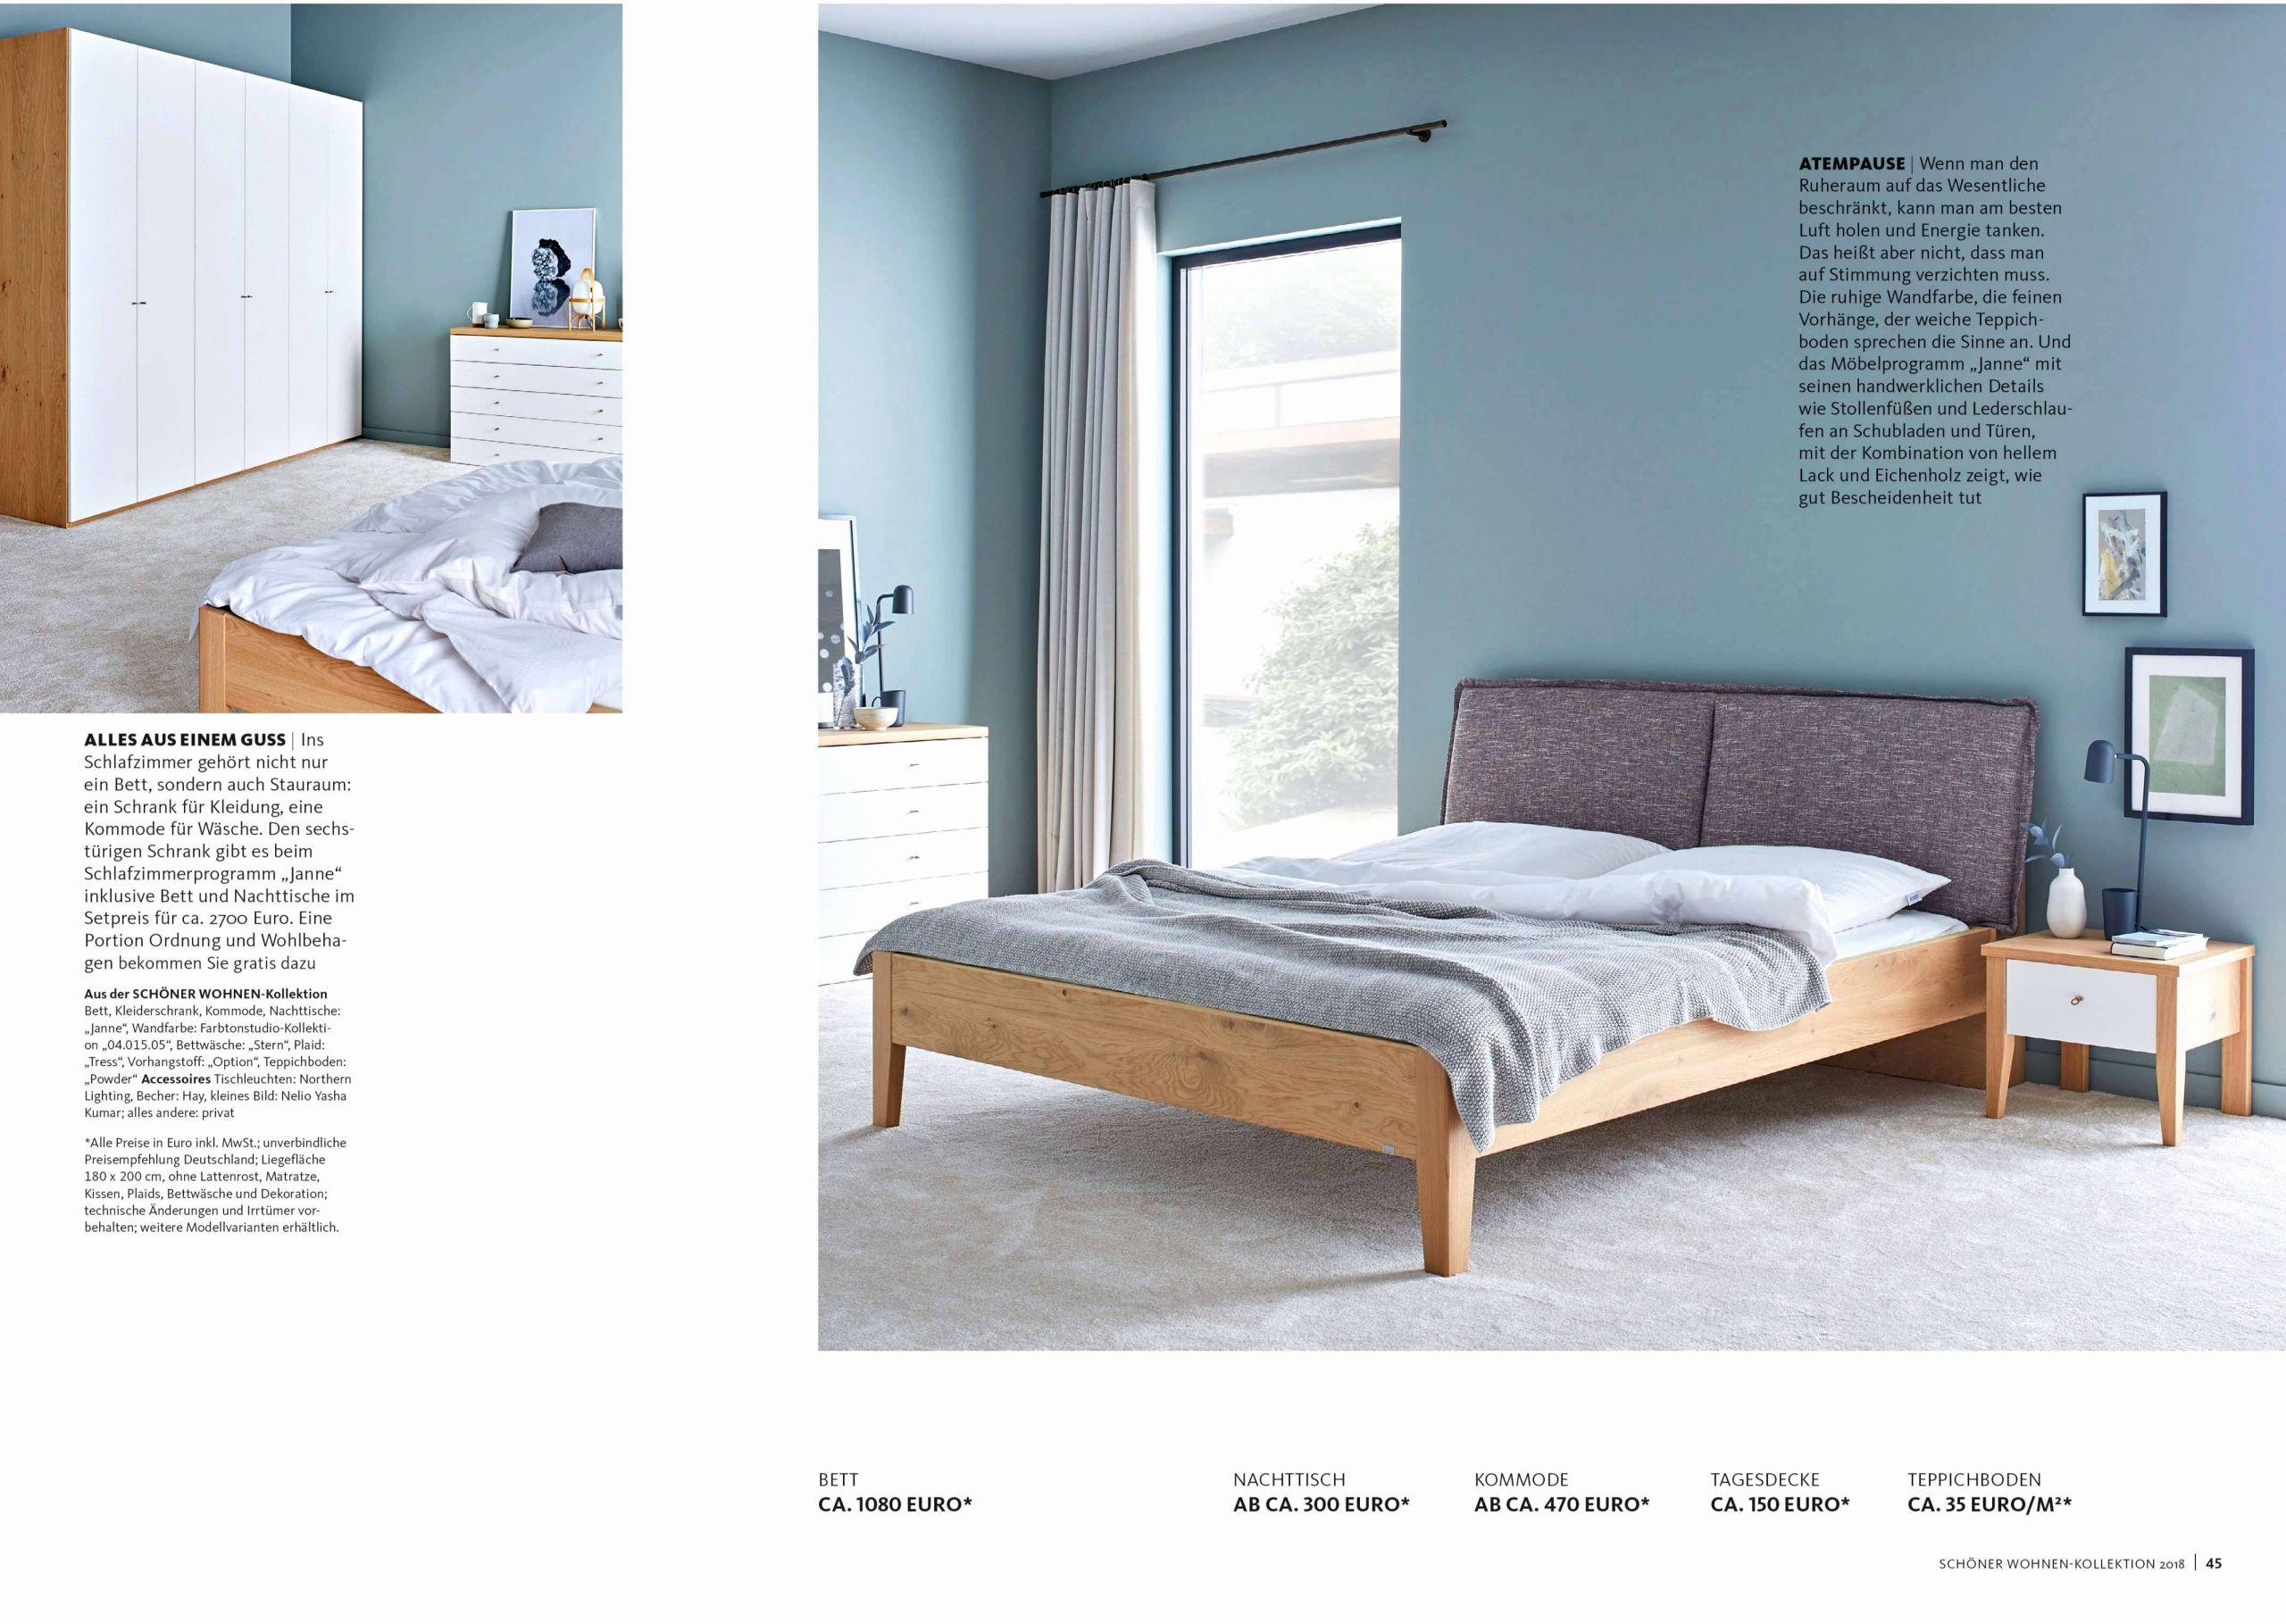 wohnzimmer dekorieren diy elegant 43 schon deko aus papier basteln of wohnzimmer dekorieren diy